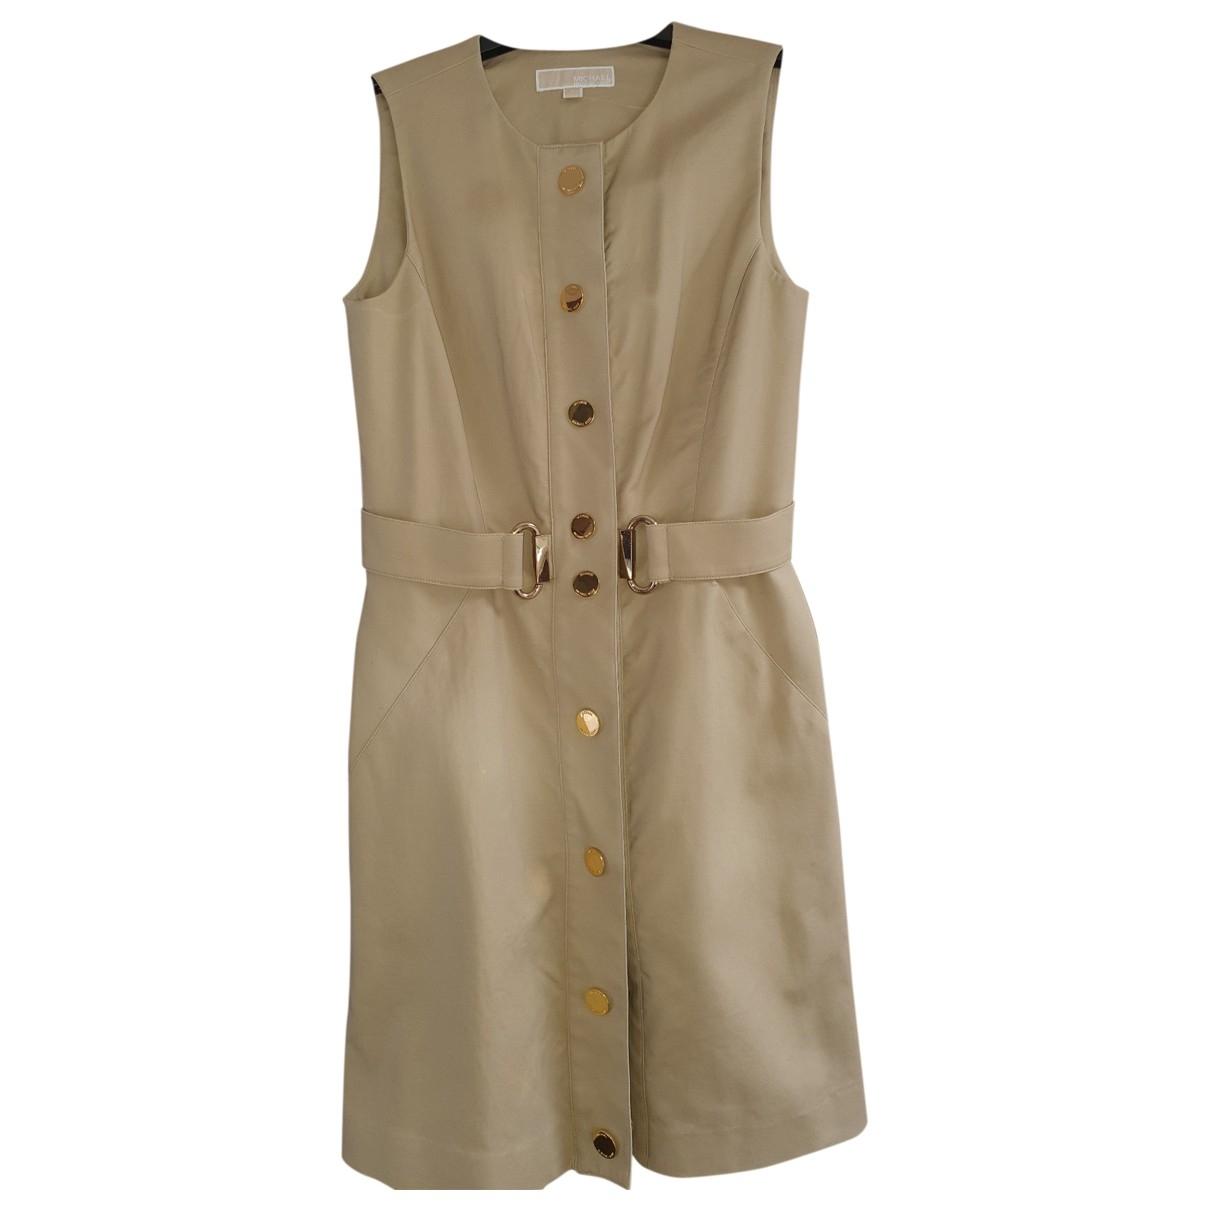 Michael Kors \N Camel Cotton dress for Women 8 UK